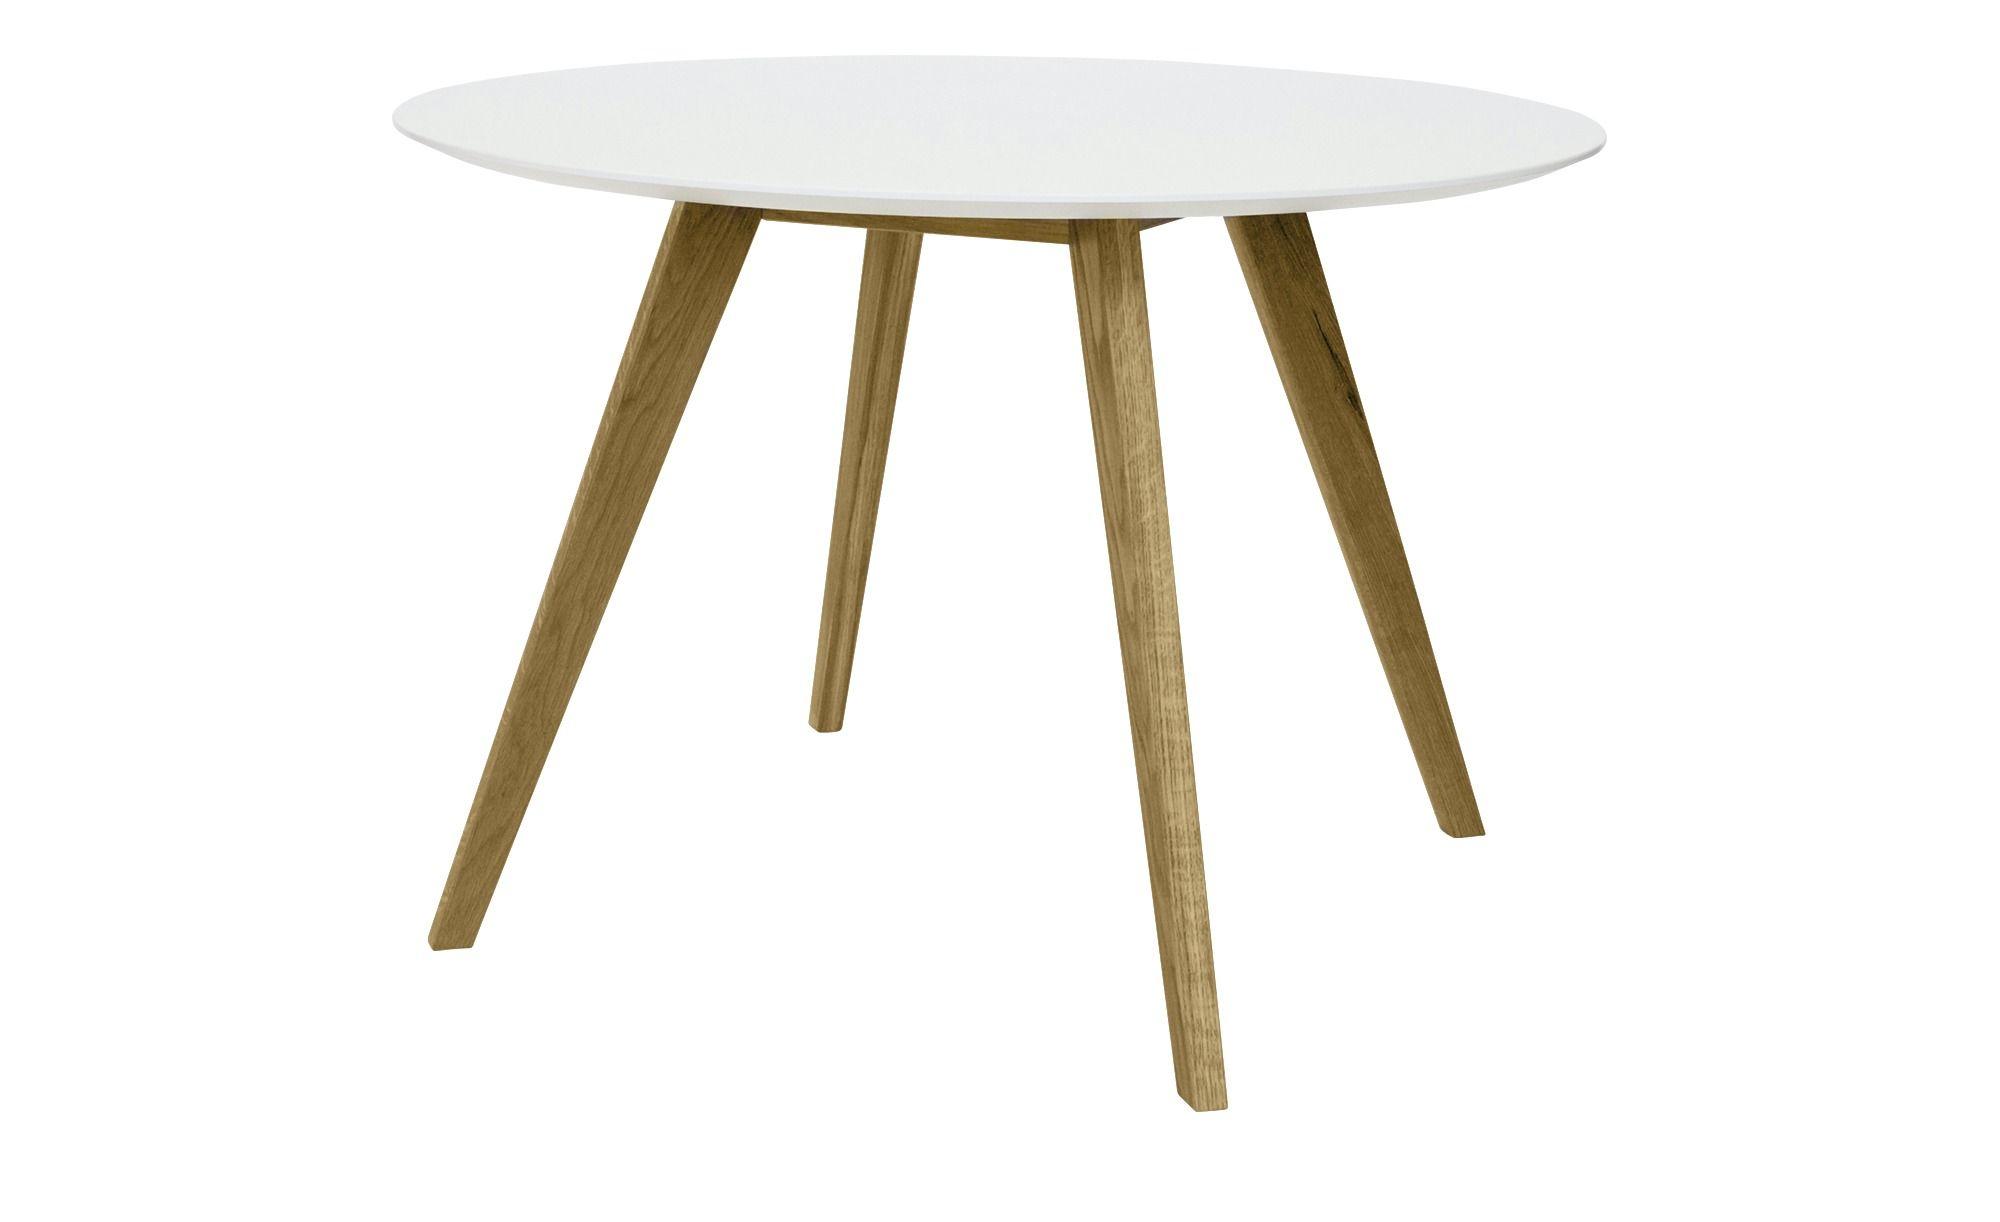 Esstisch Jesper Küchentisch rund, Esstisch und Tisch